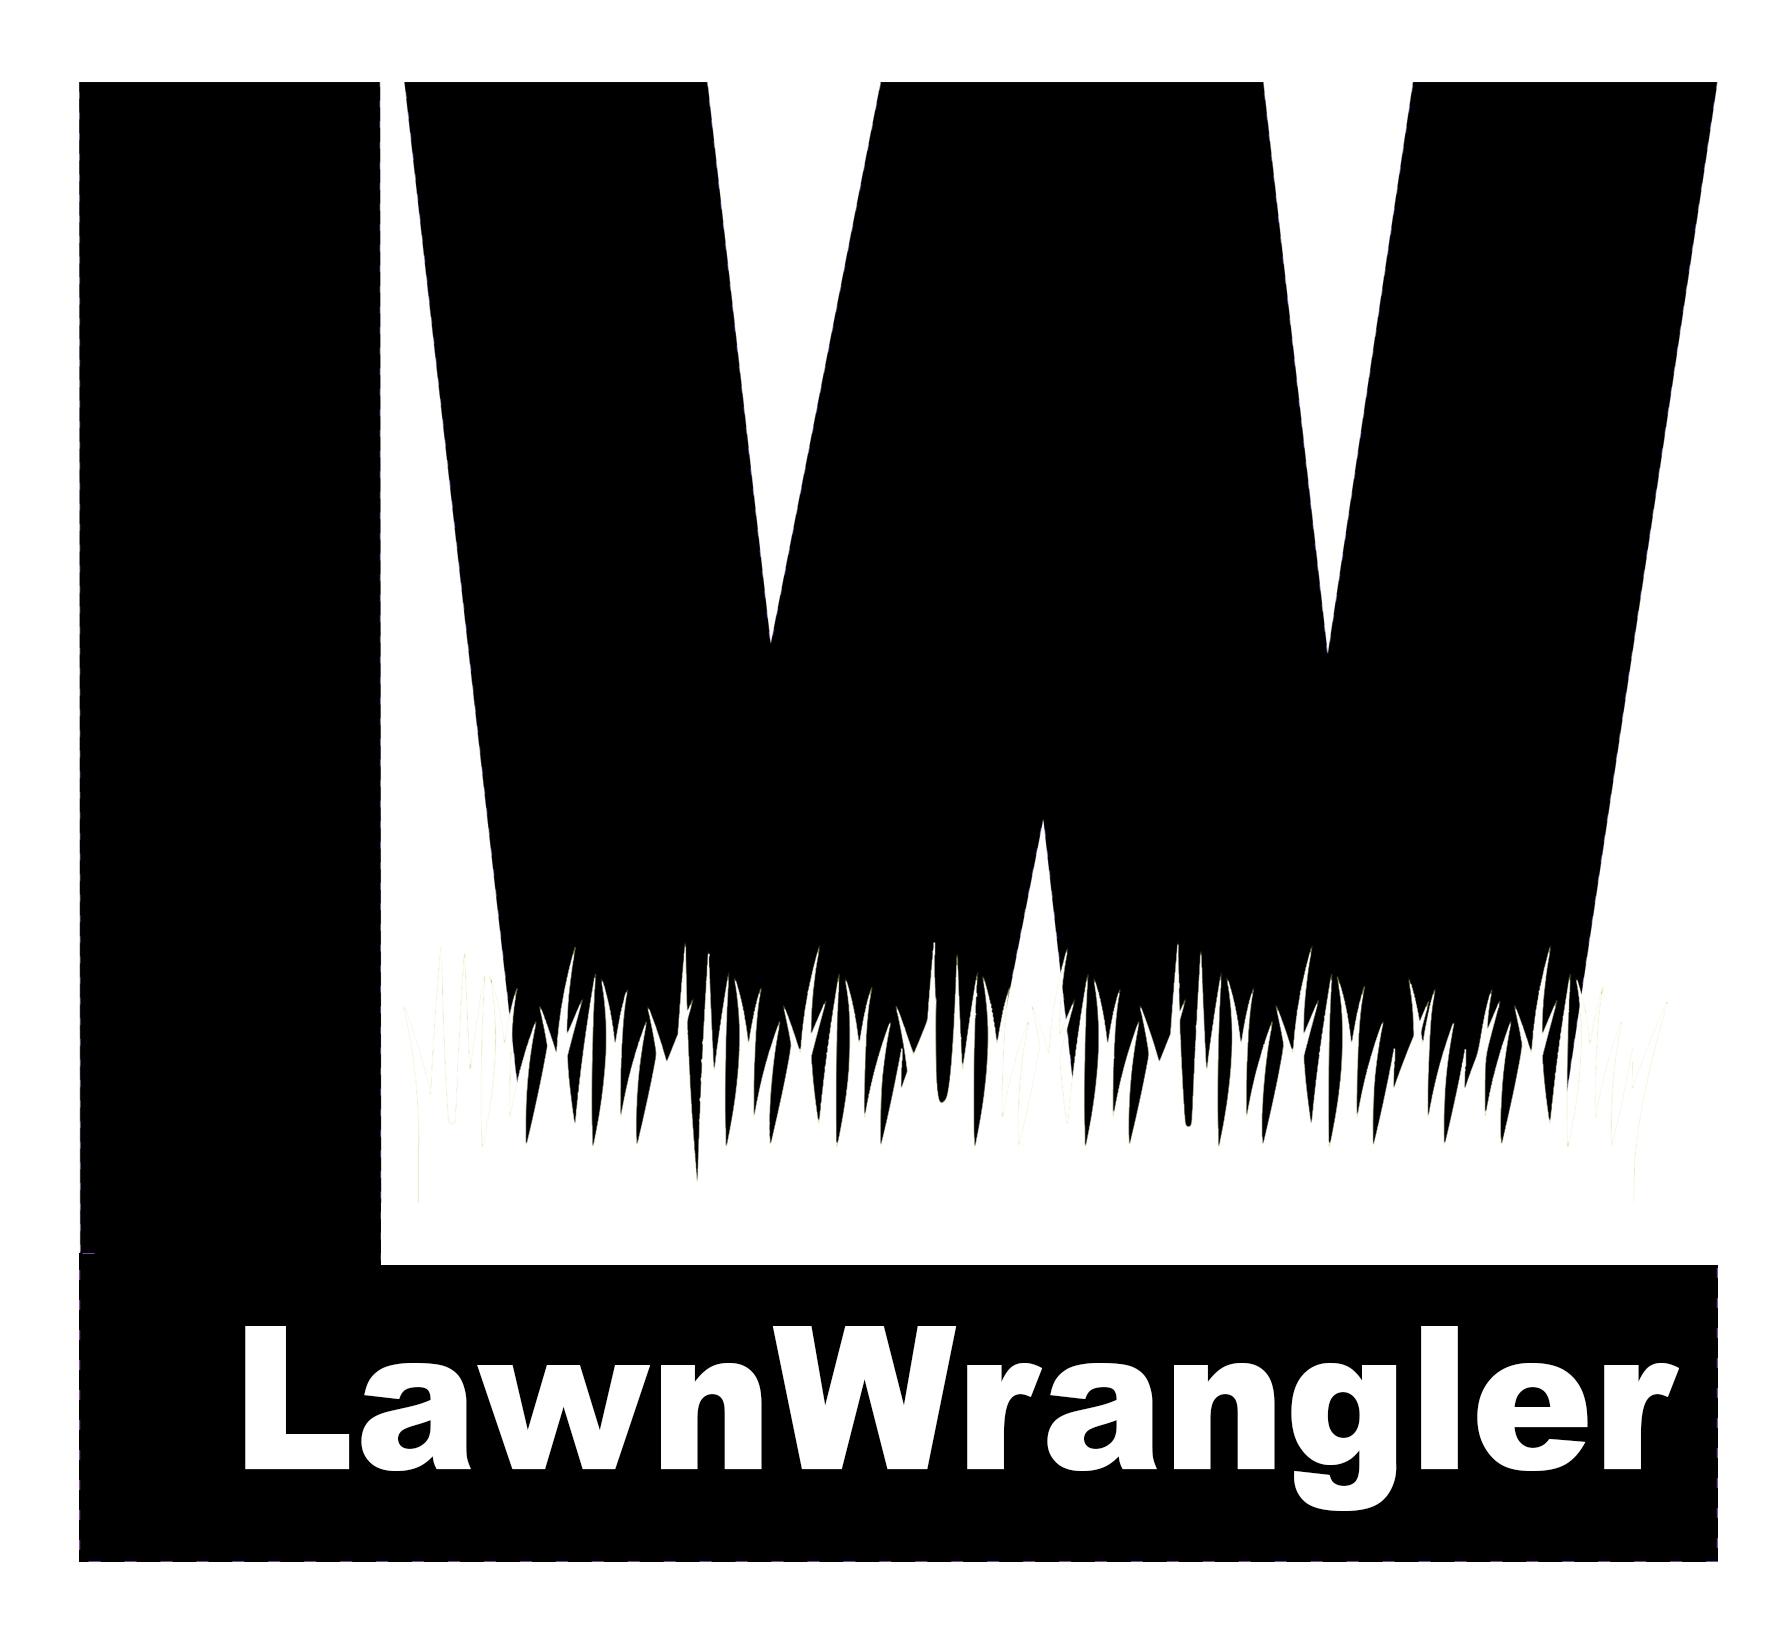 Lawn Wrangler.jpg